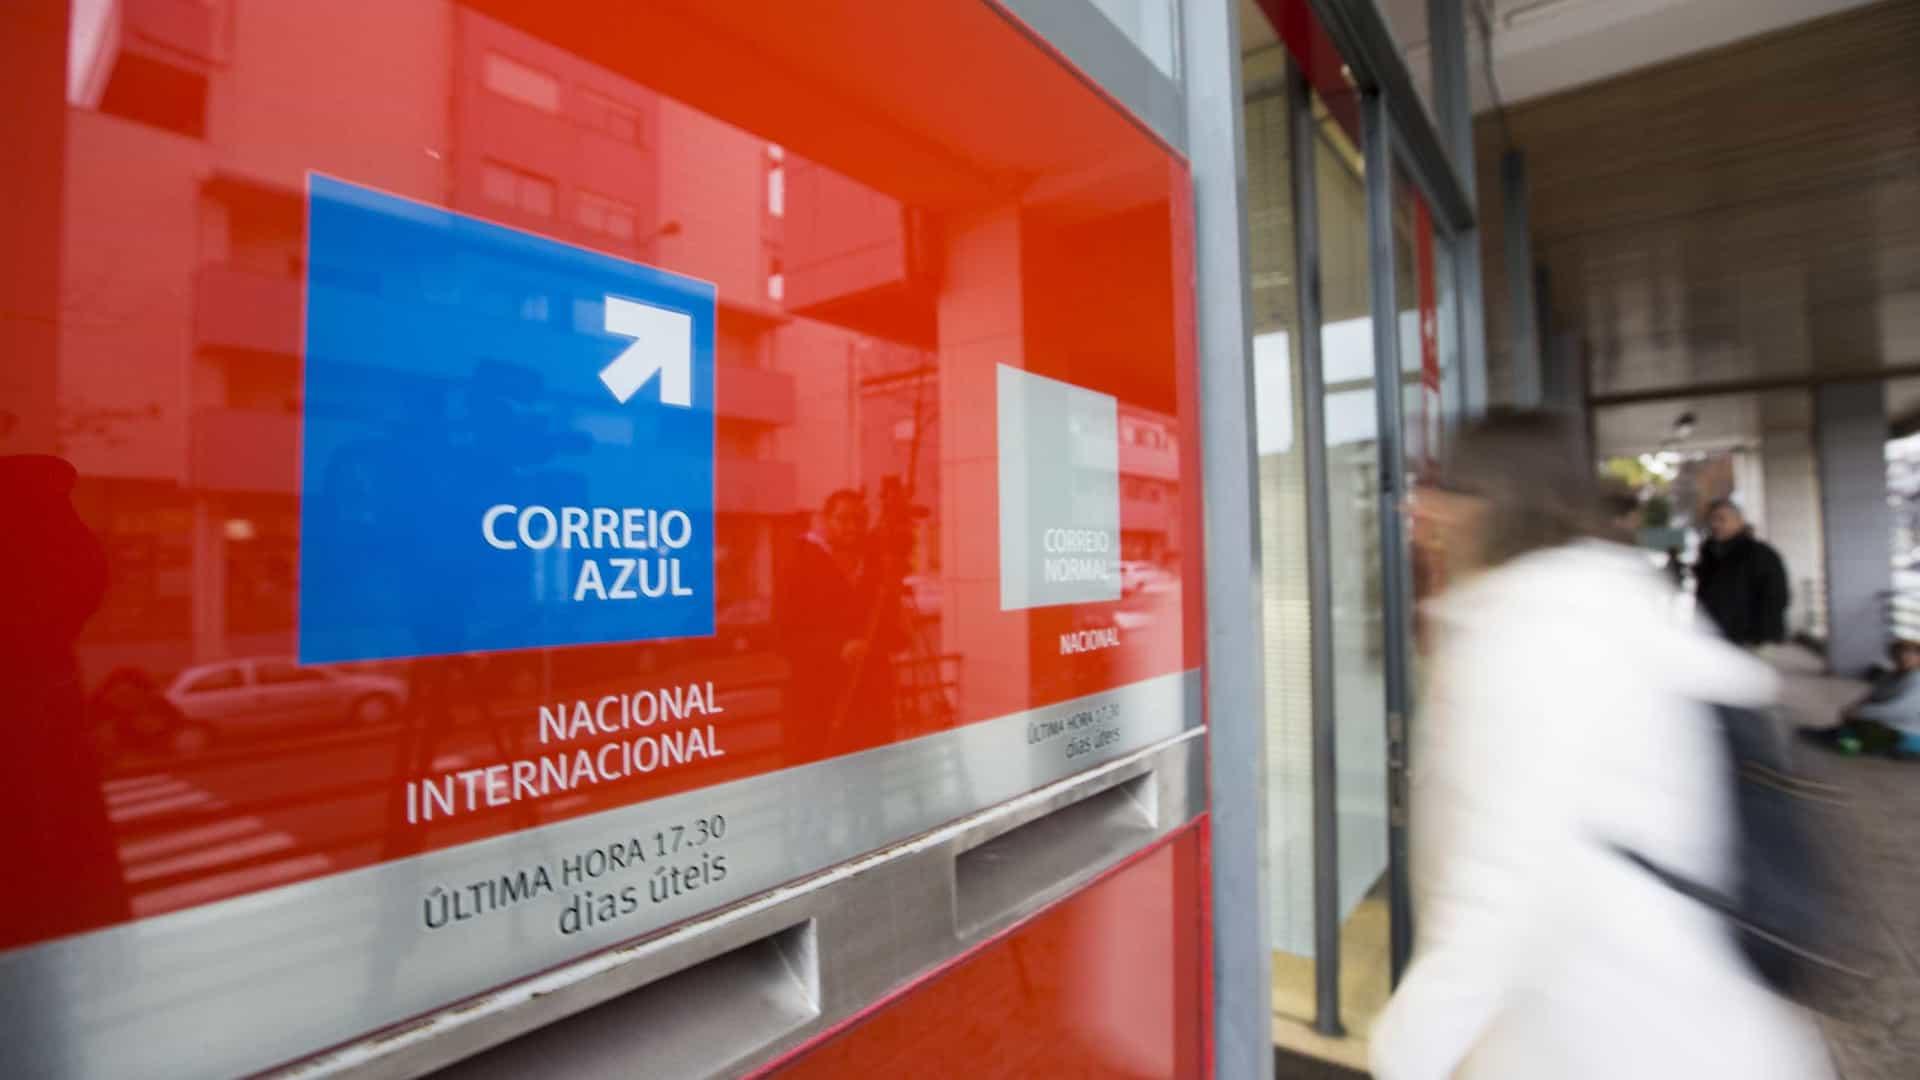 """PSD quer que Pedro Nuno Santos solucione atrasos """"contínuos"""" na distribuição de correio na Póvoa de Lanhoso"""